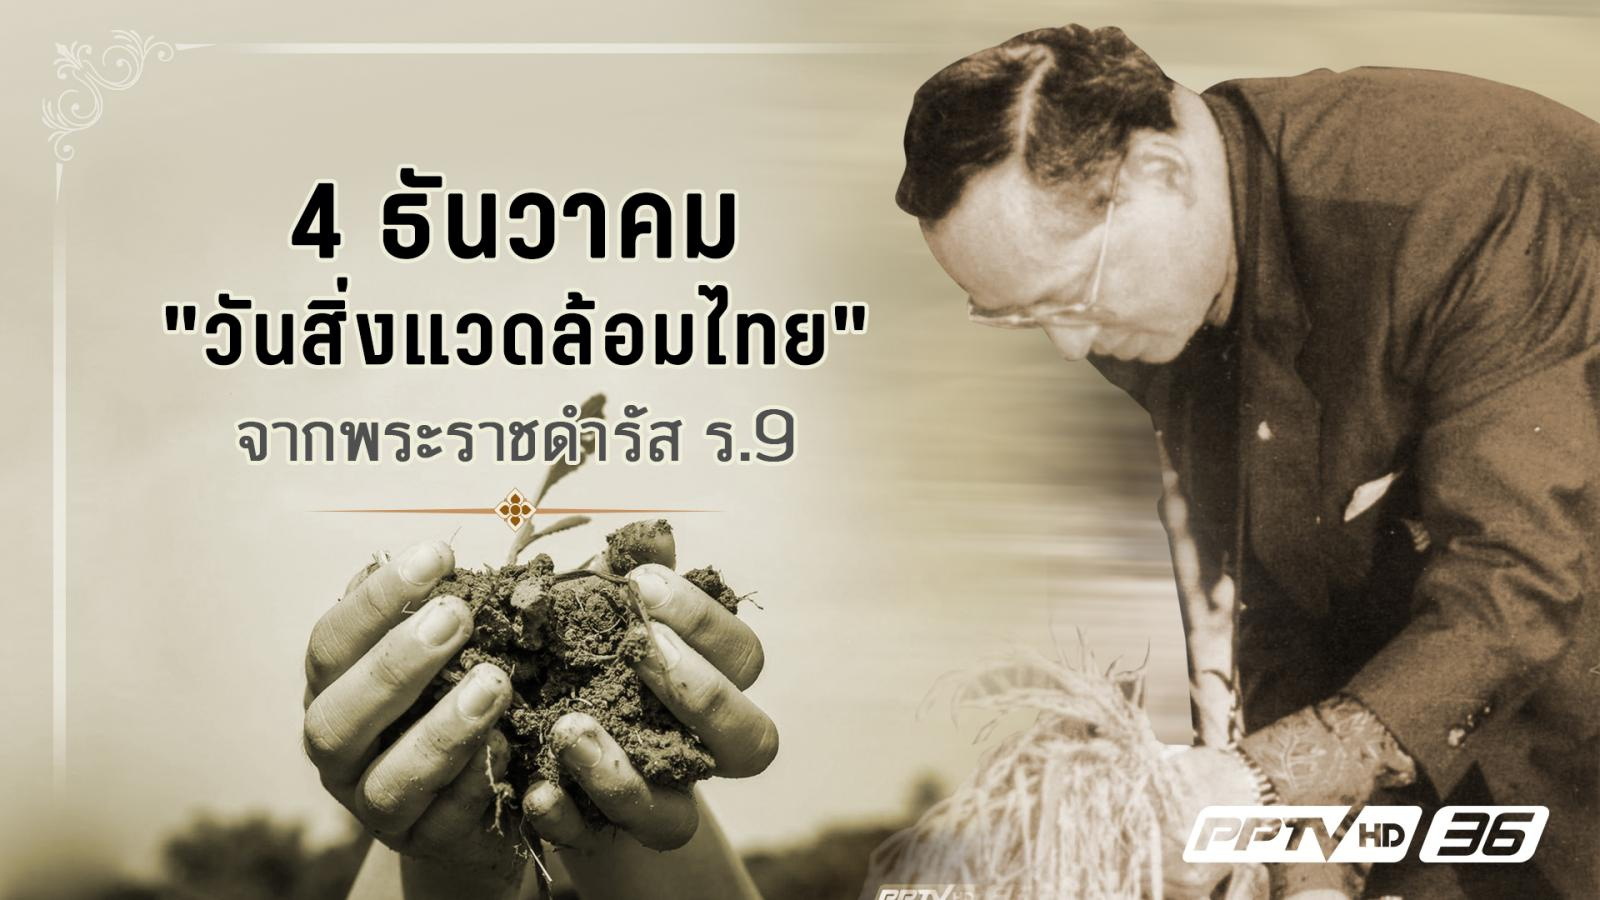 """4 ธันวาคม """"วันสิ่งแวดล้อมไทย"""" จากพระราชดำรัส ร.9"""